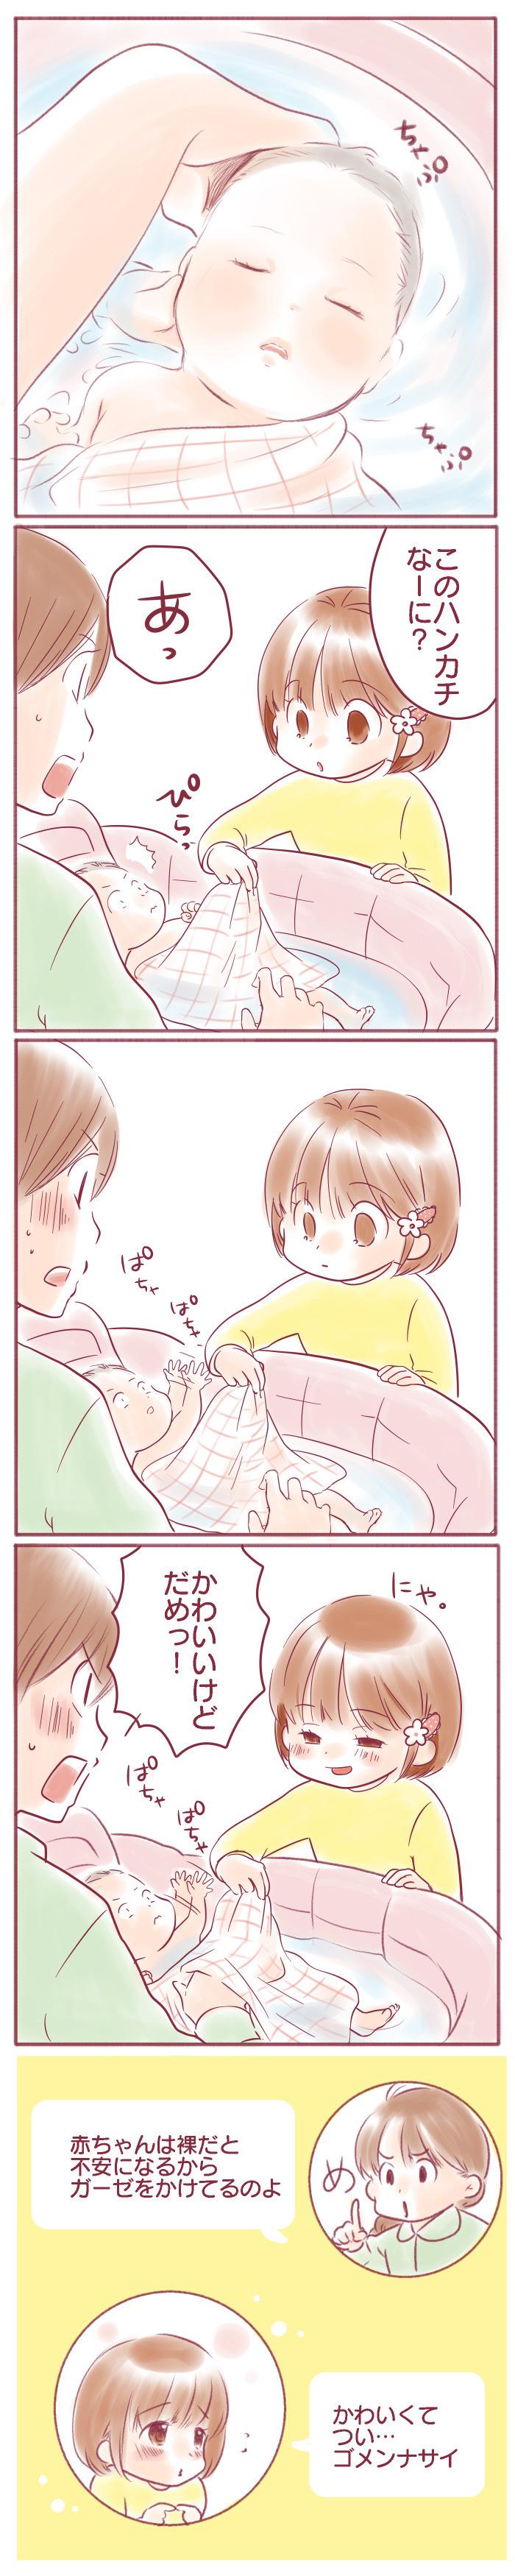 """初めての""""おうちで沐浴""""に興味津々!お姉ちゃんの好奇心が爆発する♡の画像1"""